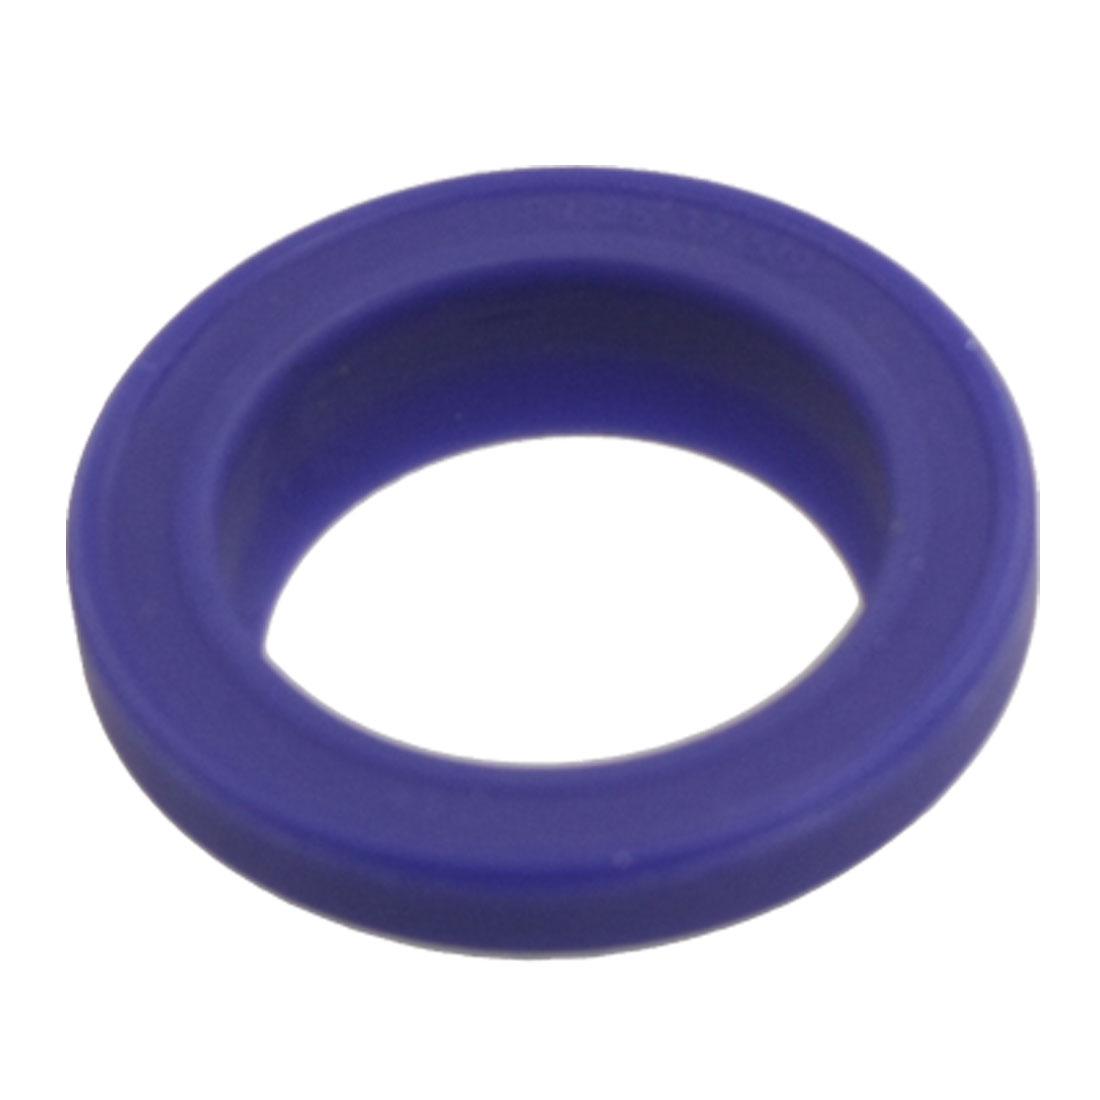 Air Cylinder 25x37x5x9mm Polyurethane PU FJ Type Ring Dust Wiper Seal